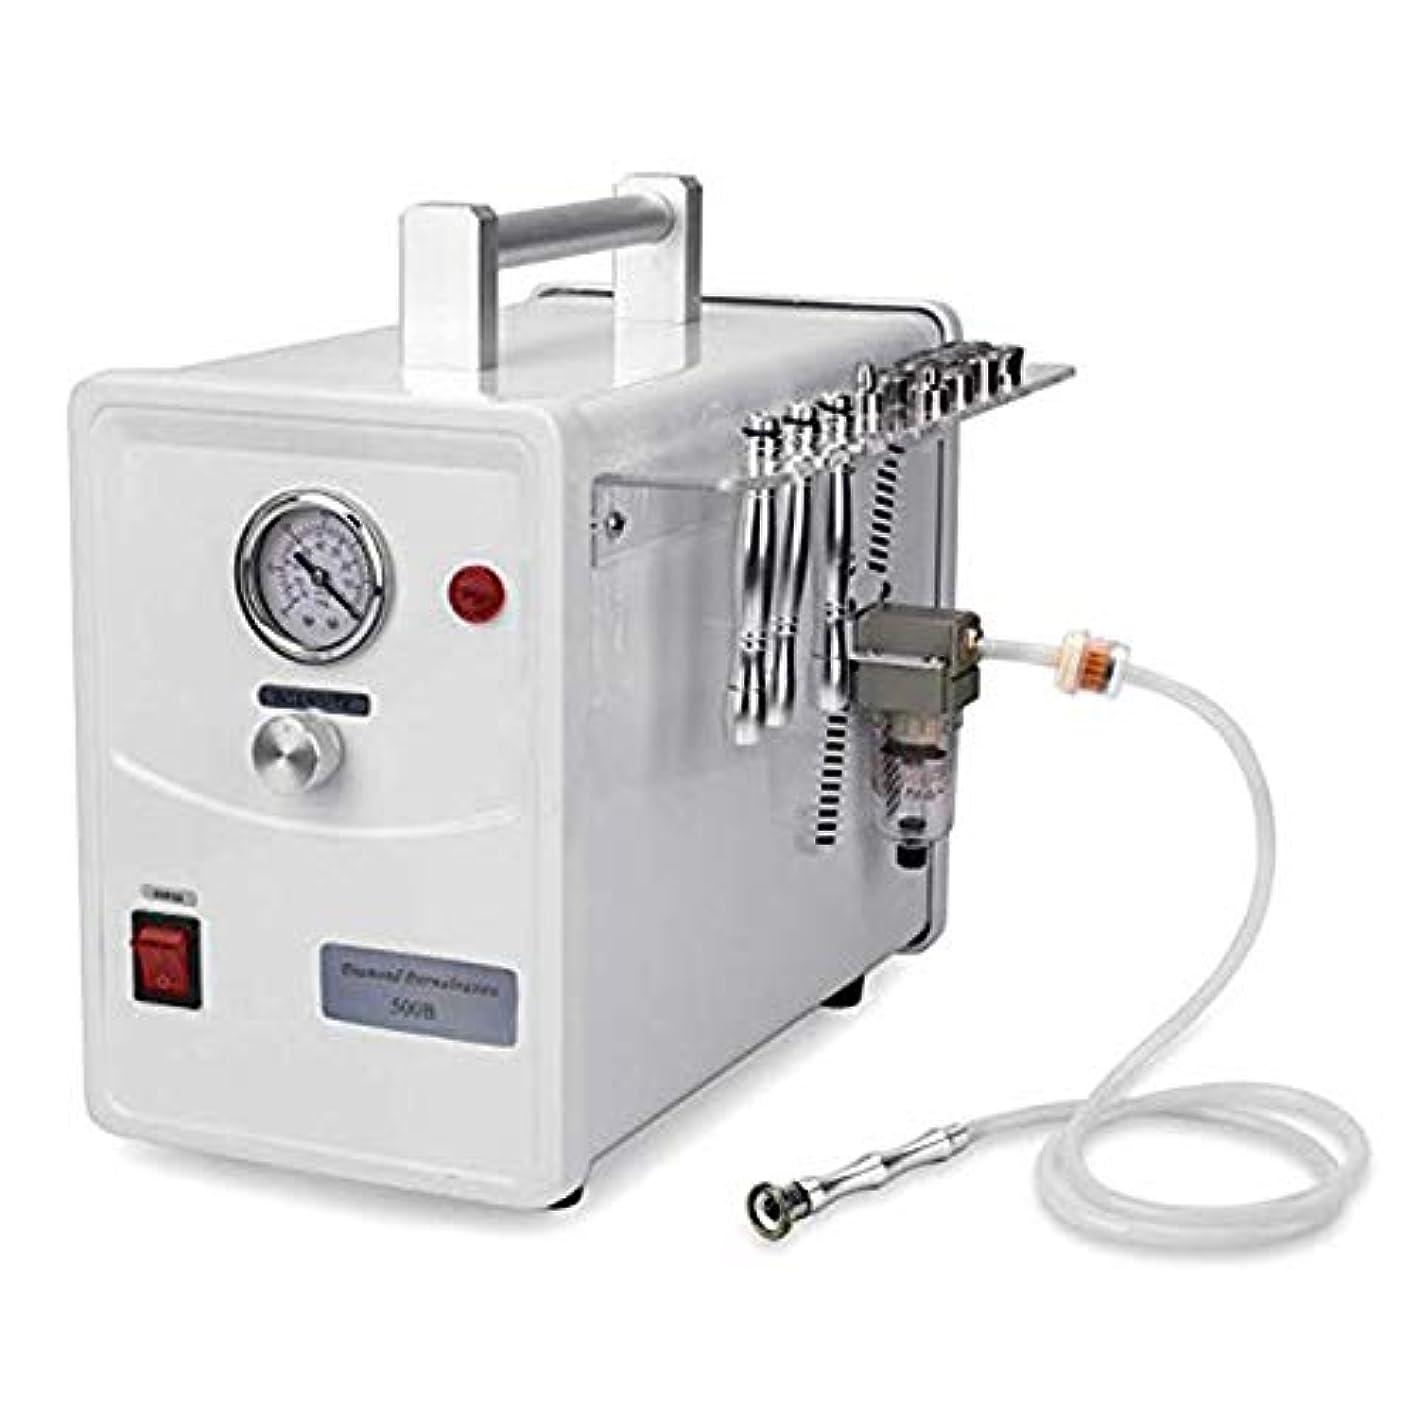 気体の答えテープダイヤモンドマイクロダーマブレーションマシン、rfessionalダーマブレーションダイヤモンド美容機器、フェイシャルケアサロン機器機器家庭用